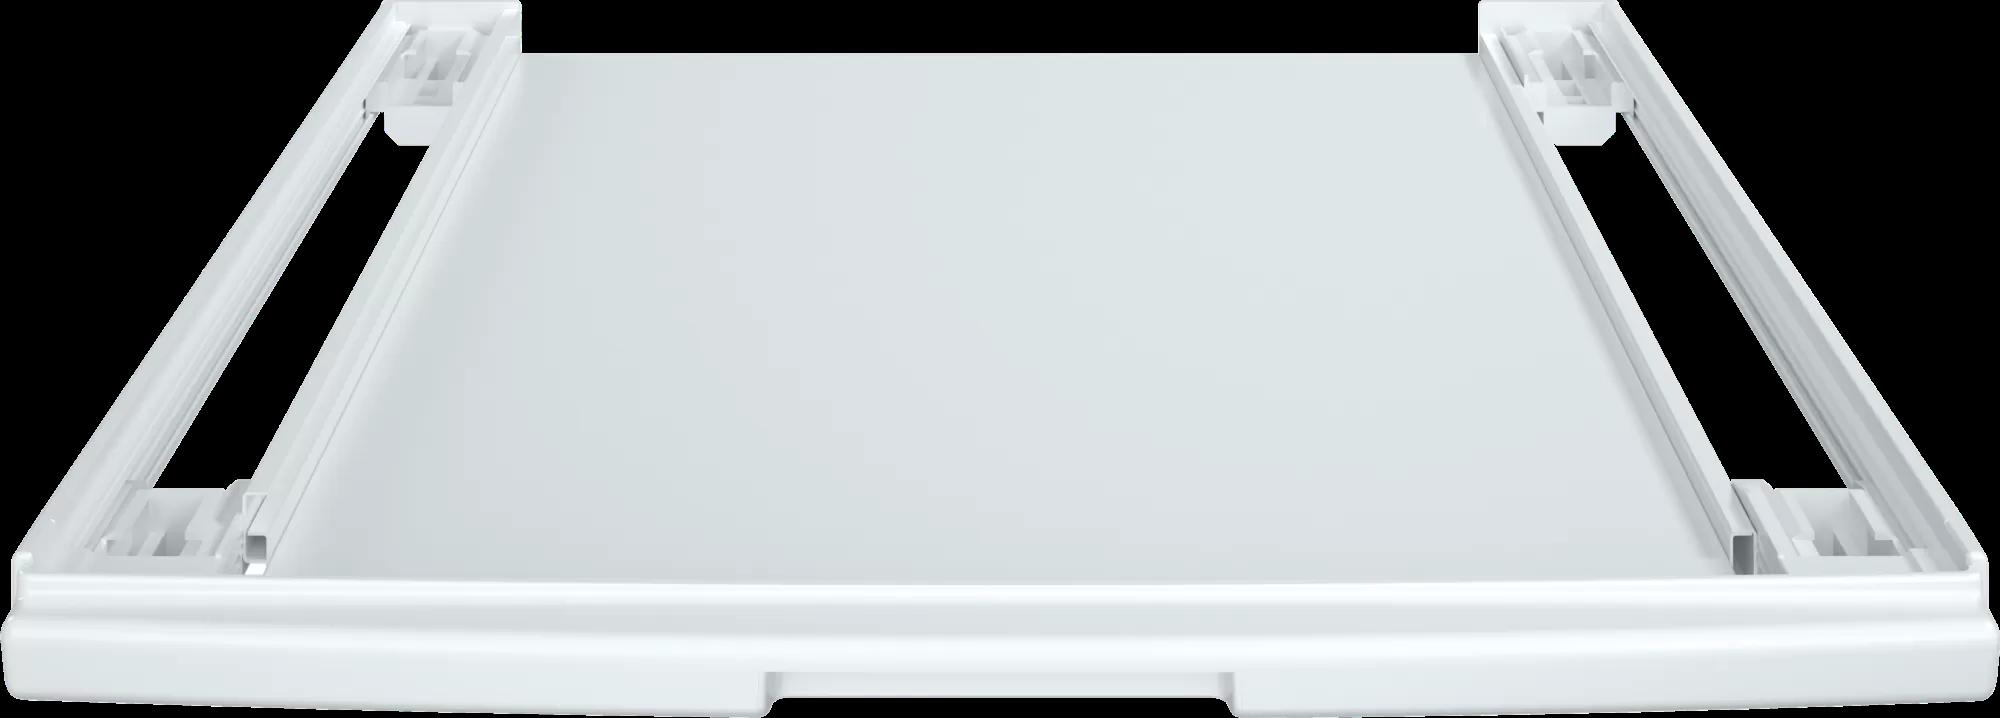 Соединительный элемент (изображение взято с www.bosch-home.ru)